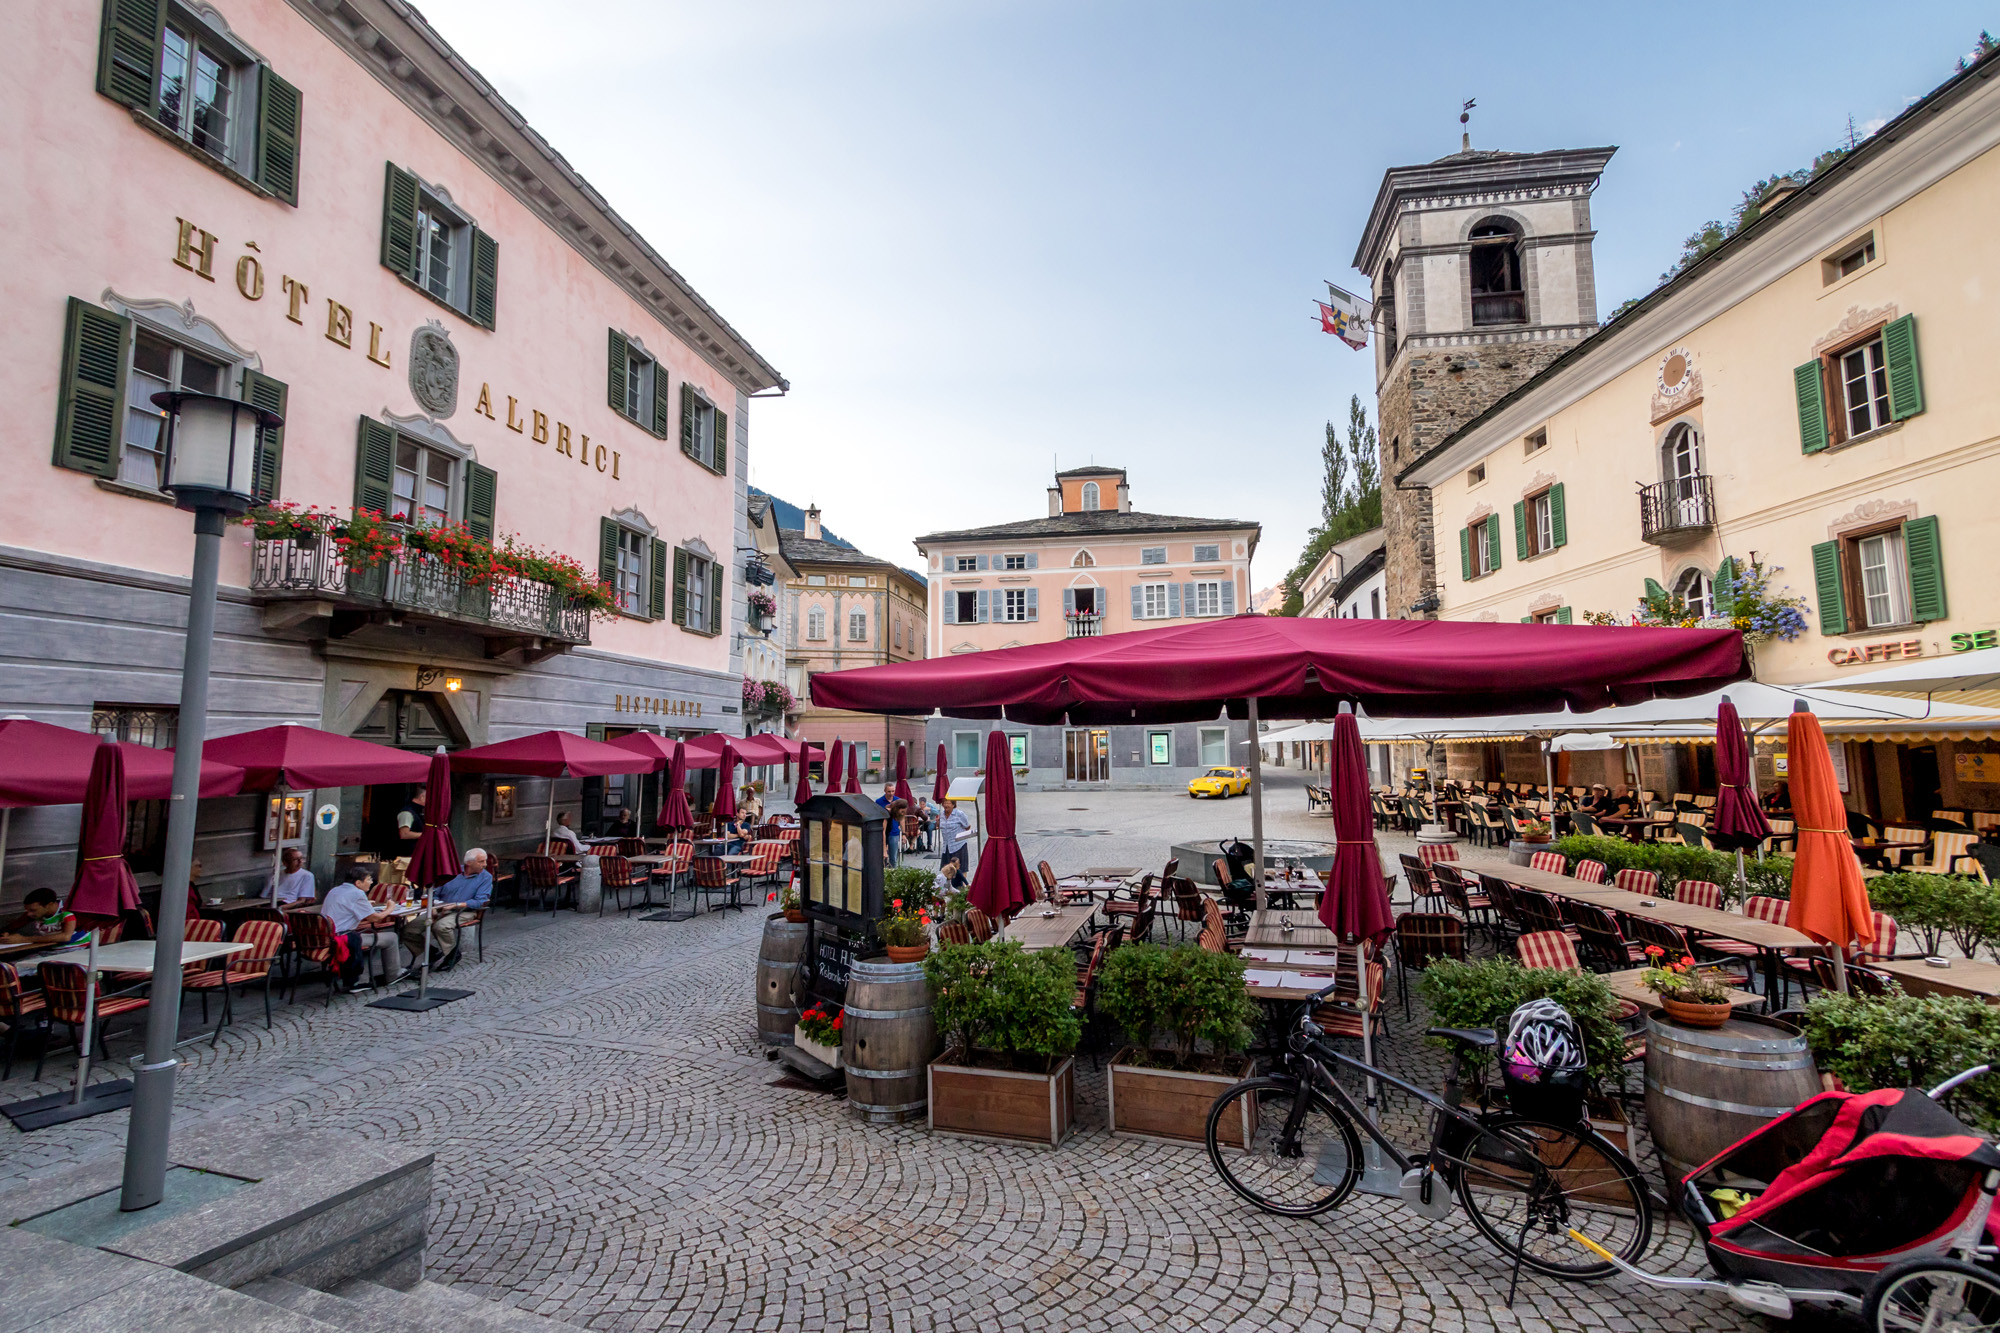 Viel Italianità auf dem beschaulichen Dorfplatz von Poschiavo (GR)